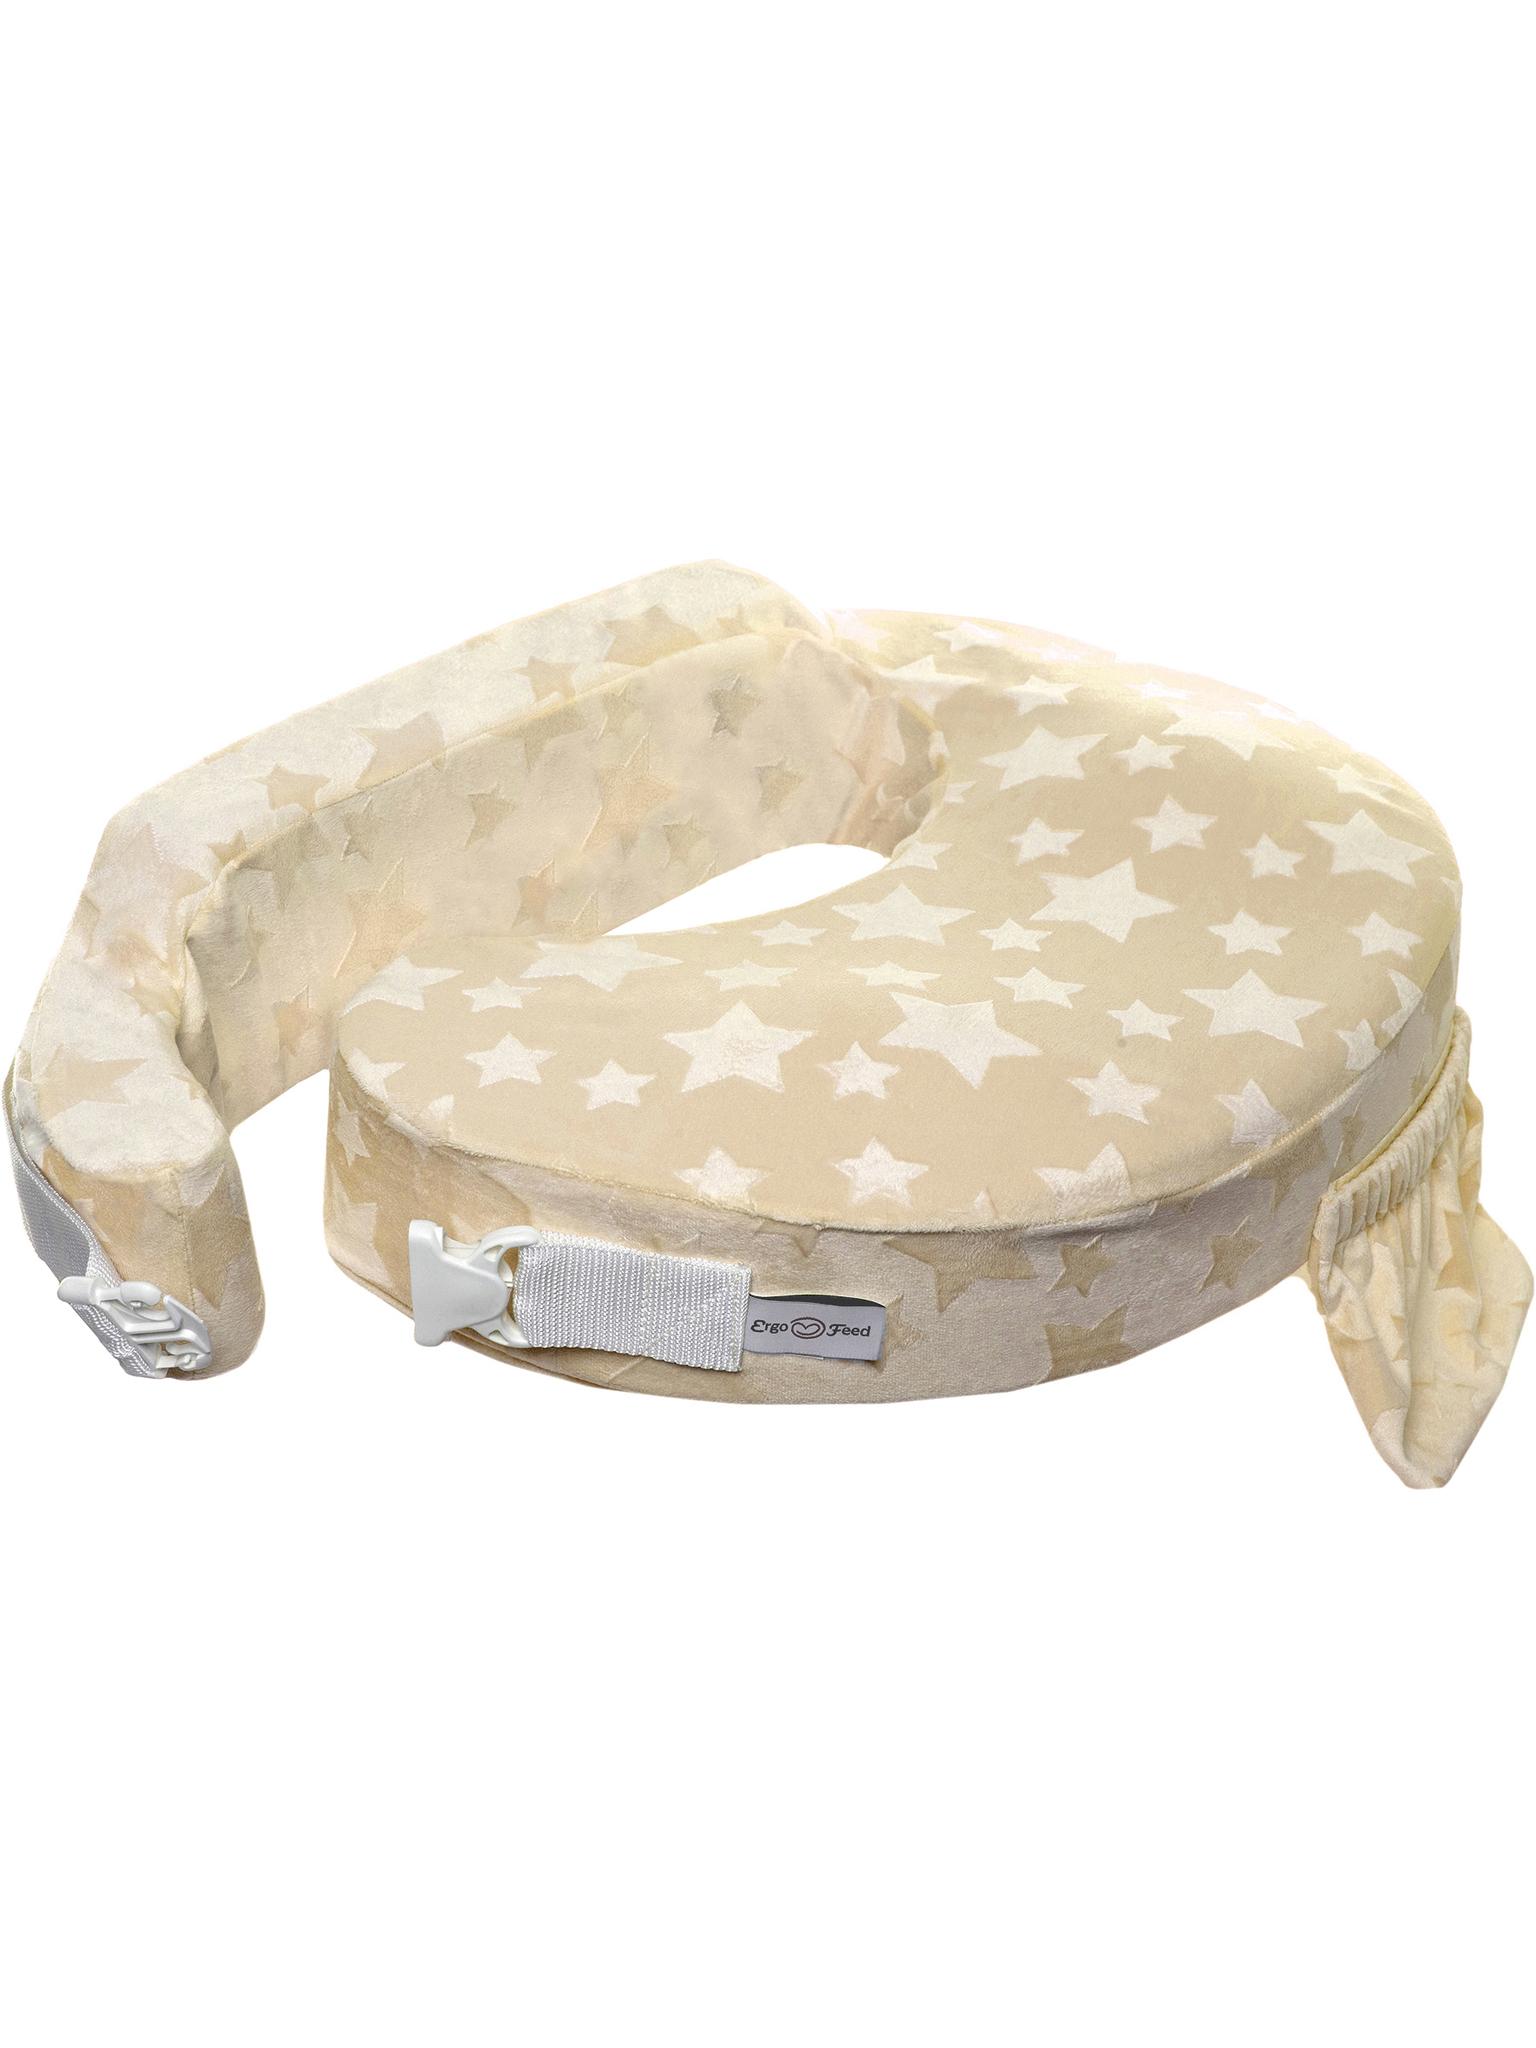 Подушка для кормления эргономичная ErgoFeed Звезды, бежевый